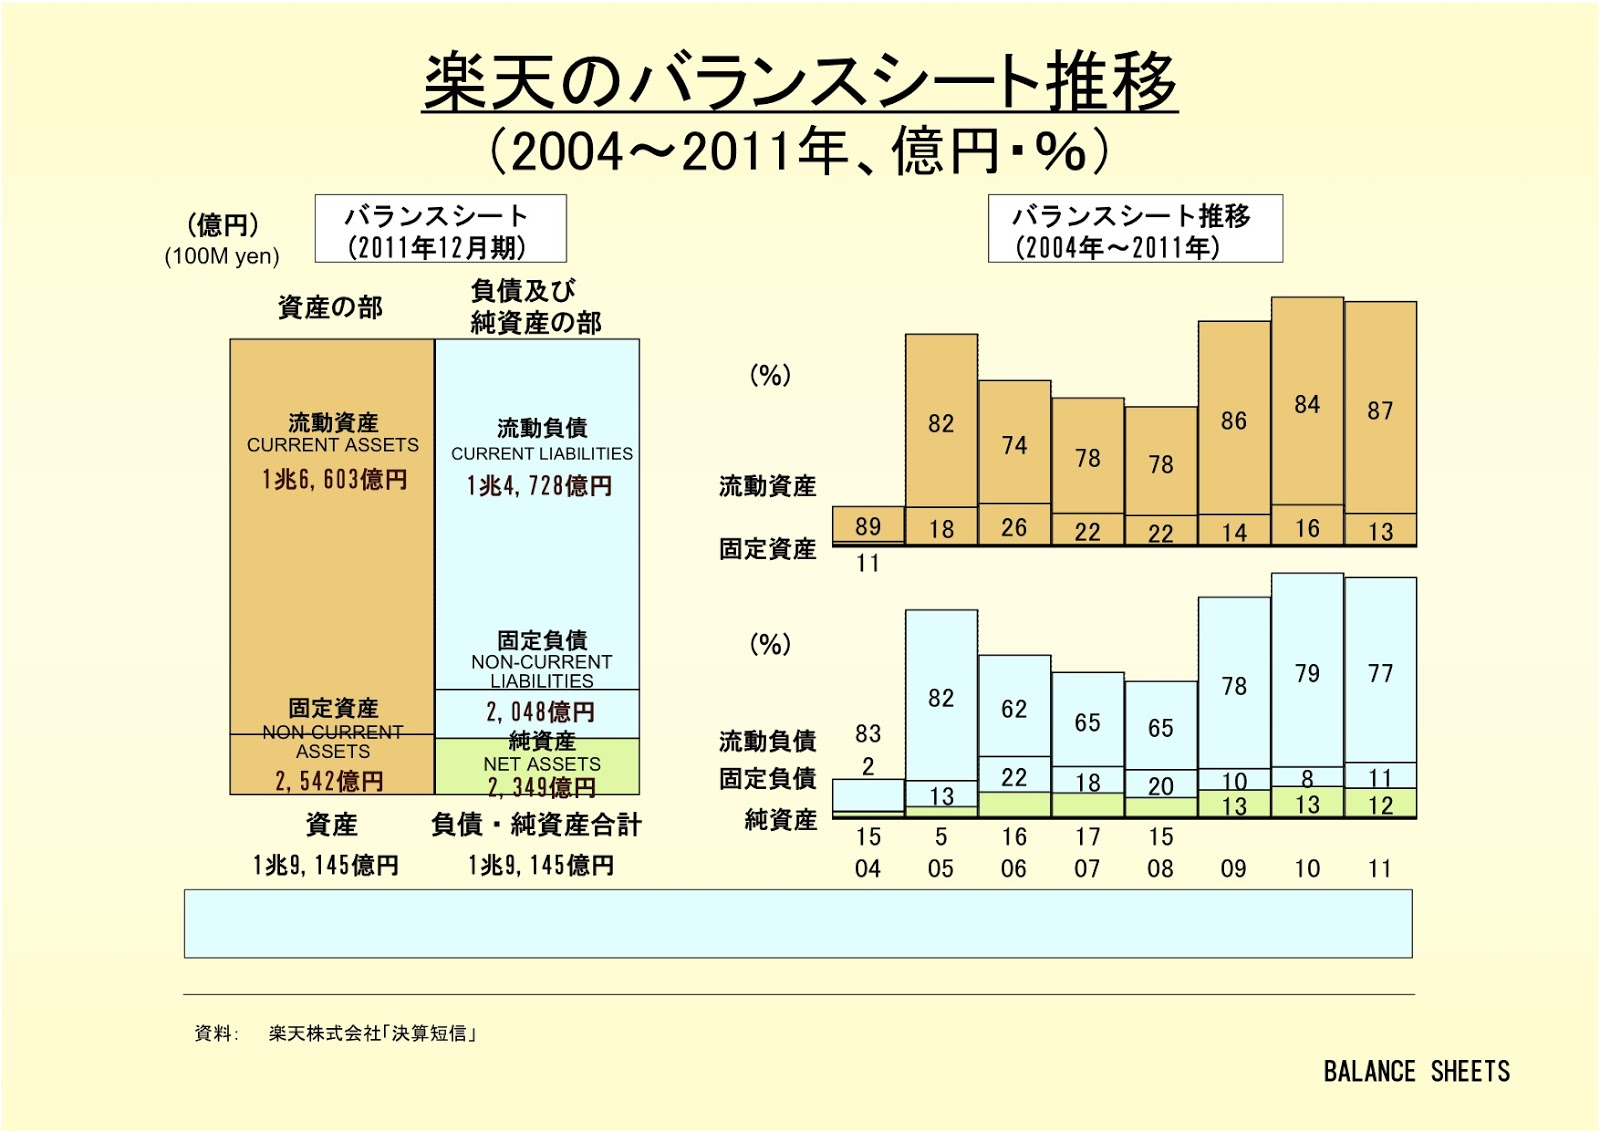 楽天株式会社のバランスシート推移